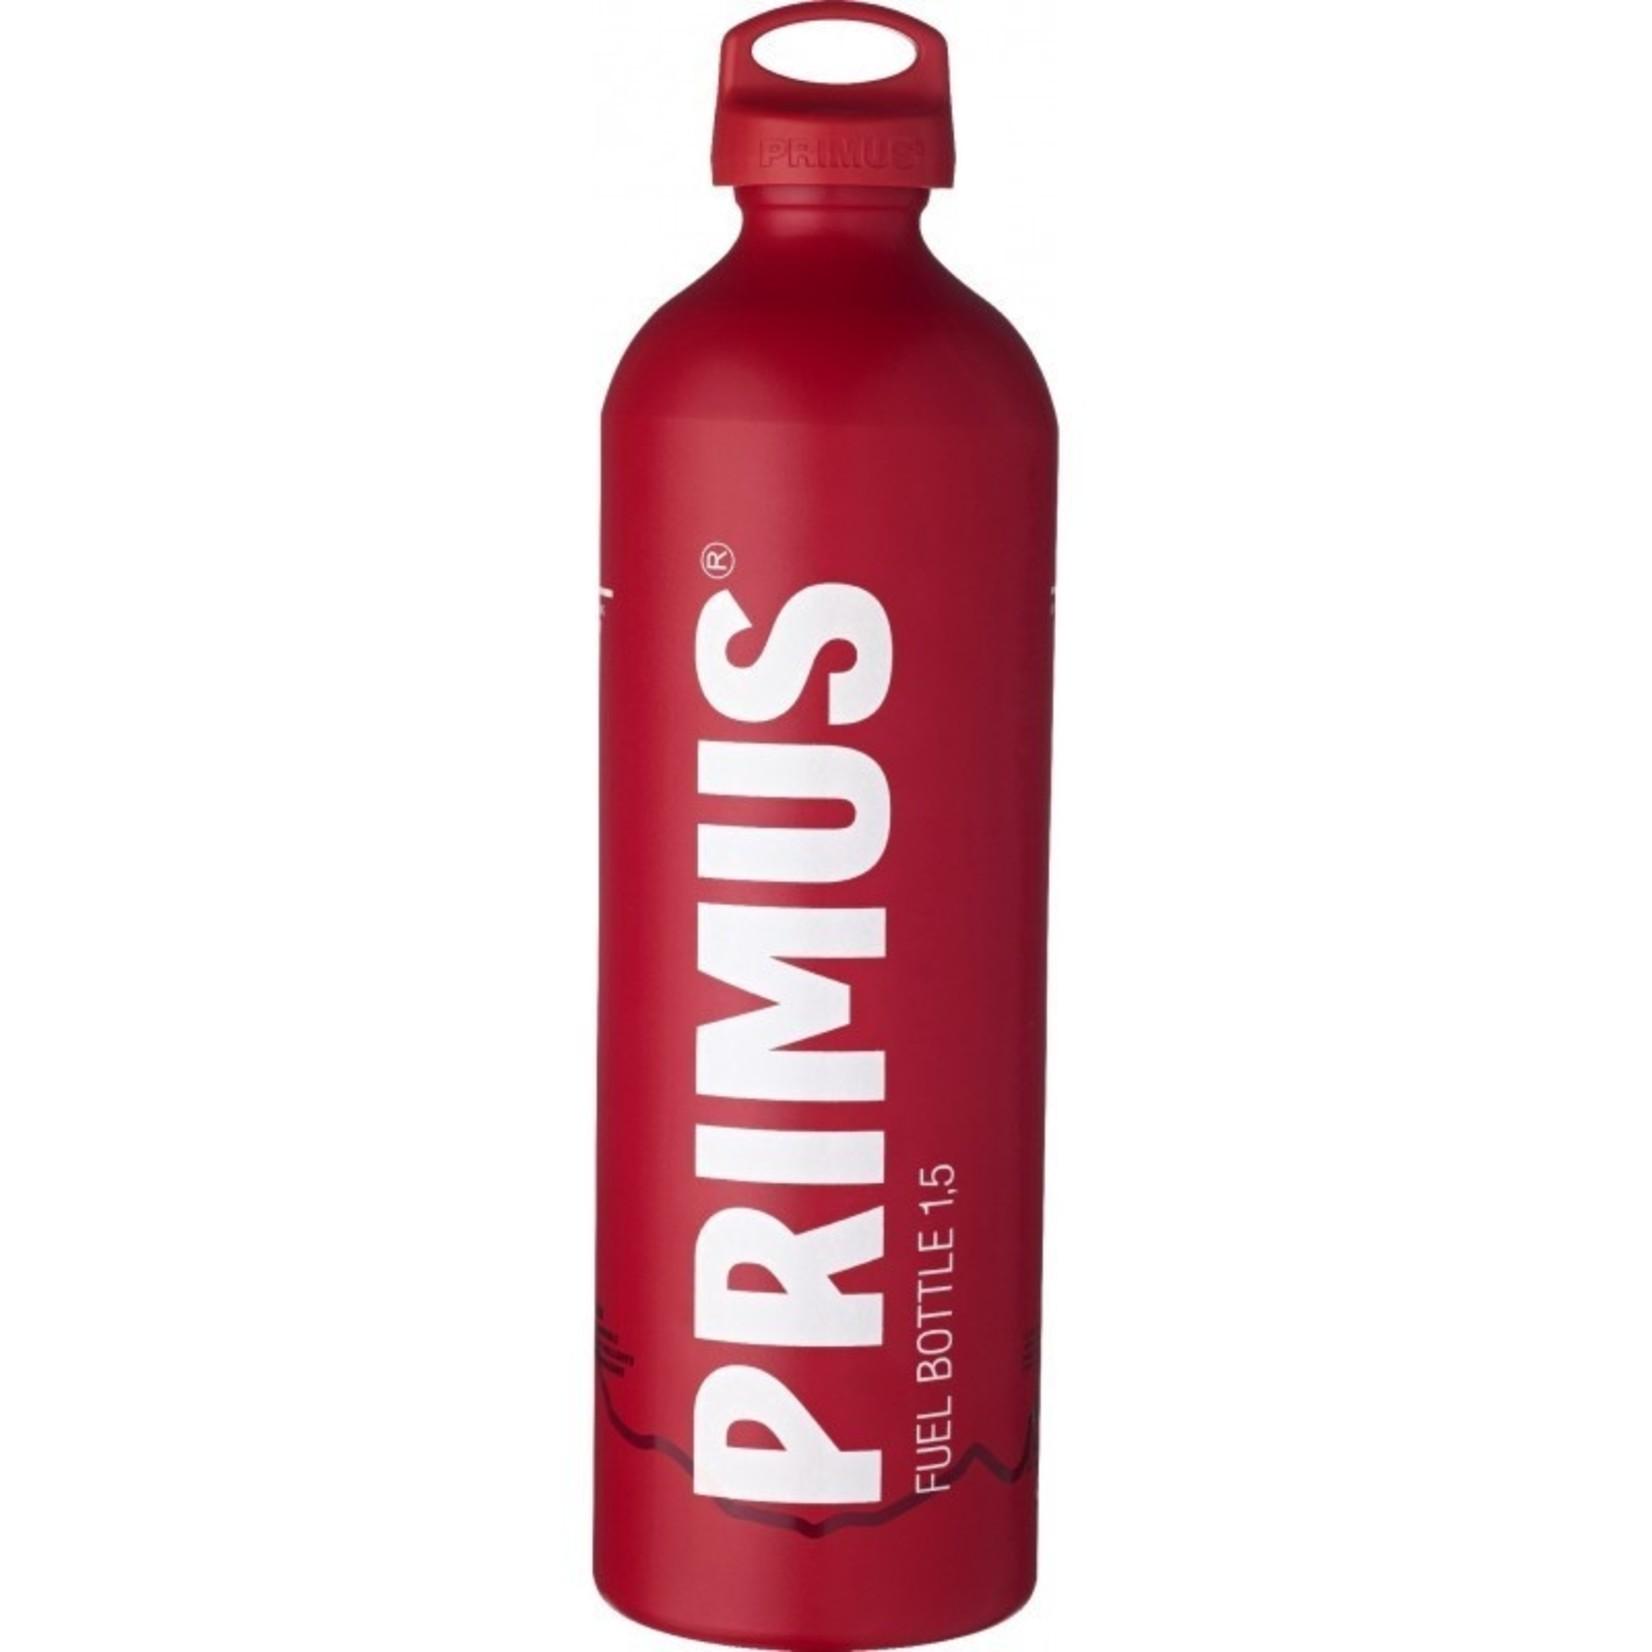 Primus Primus Brandstoffles 1,5 liter rood